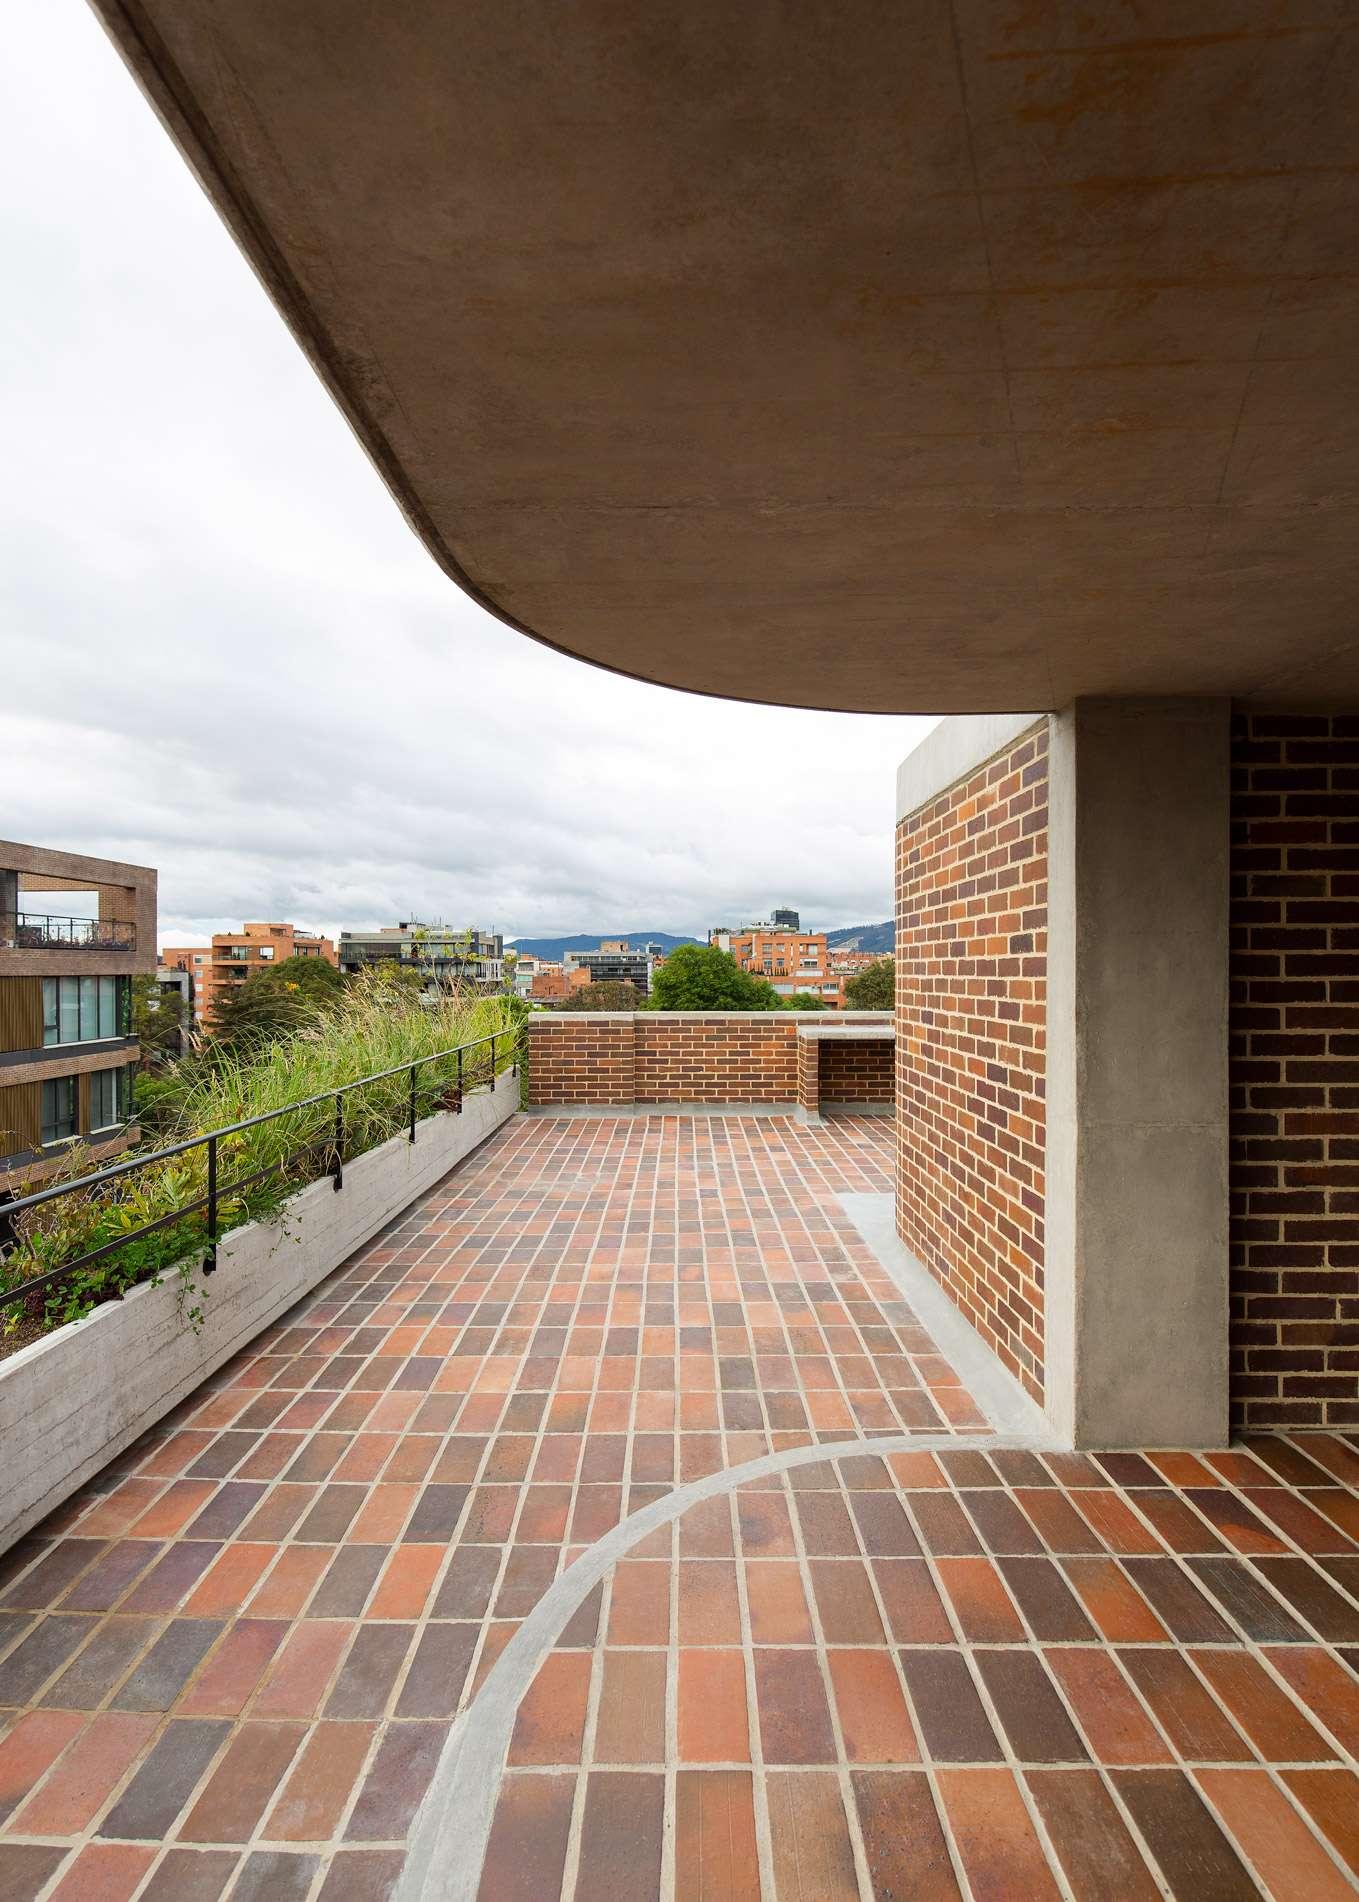 01.oberleander.arquitectos.arquitectura.architecture.interior.bogota.simon.bosch.photography